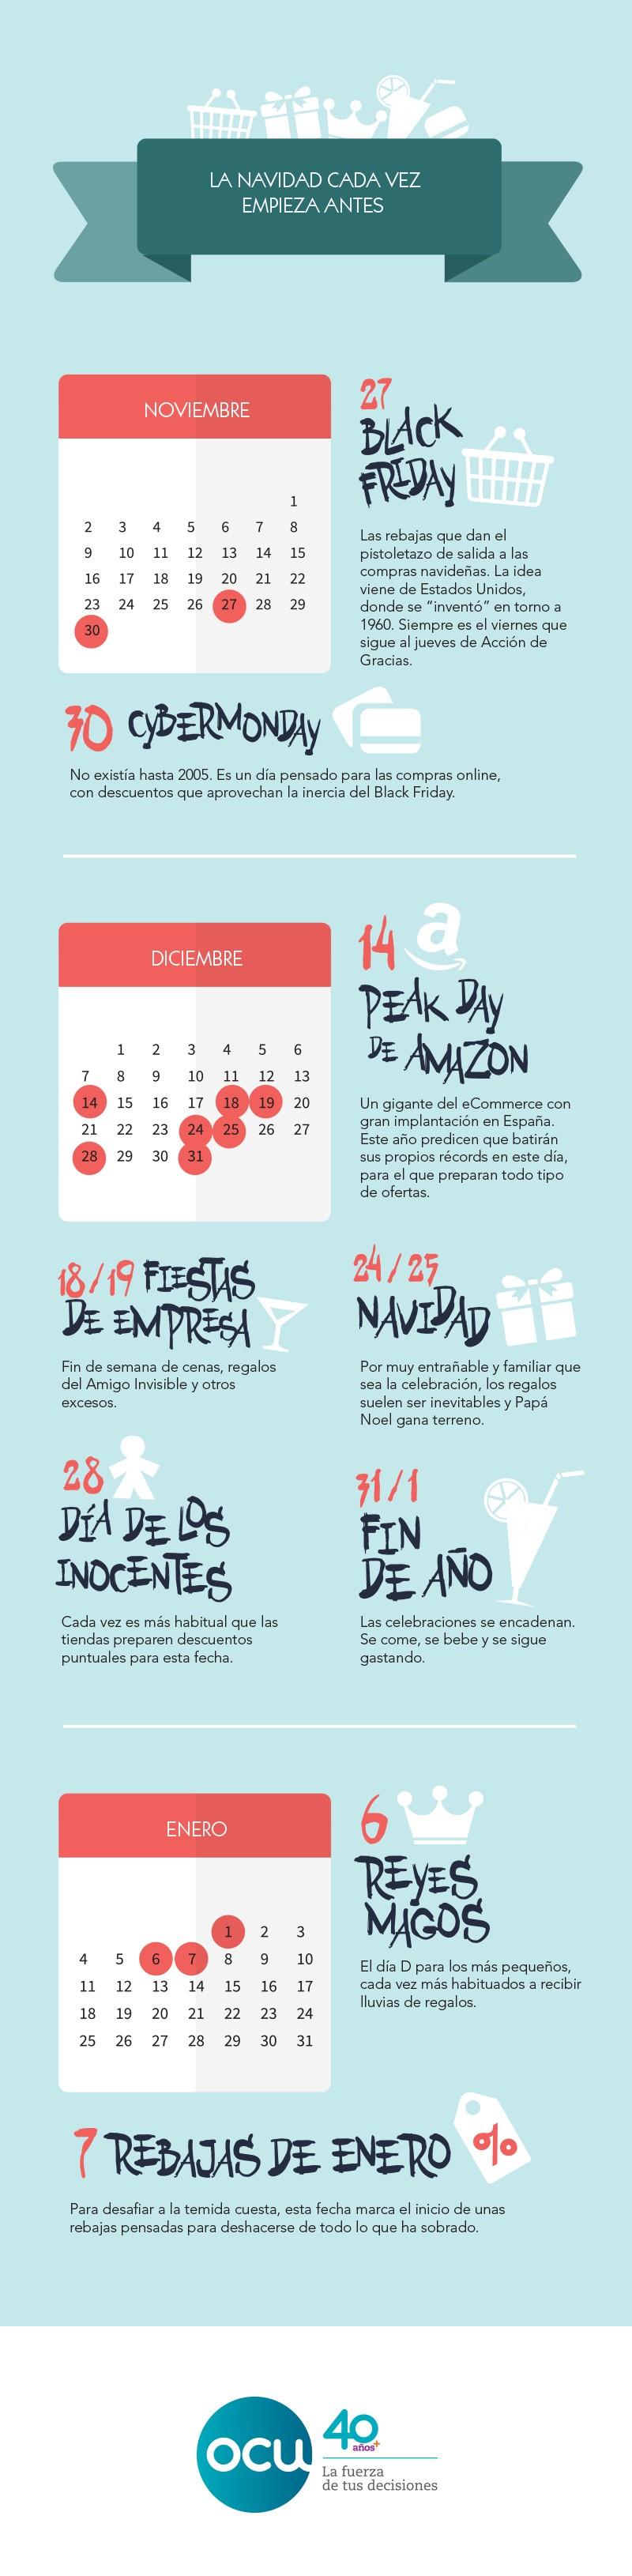 """Calendario Para Imprimir Año 2017 Mejores Y Más Novedosos Educaci""""n De Adultos Ibiza Noviembre 2015 Of Calendario Para Imprimir Año 2017 Más Reciente Eur Lex R2454 En Eur Lex"""